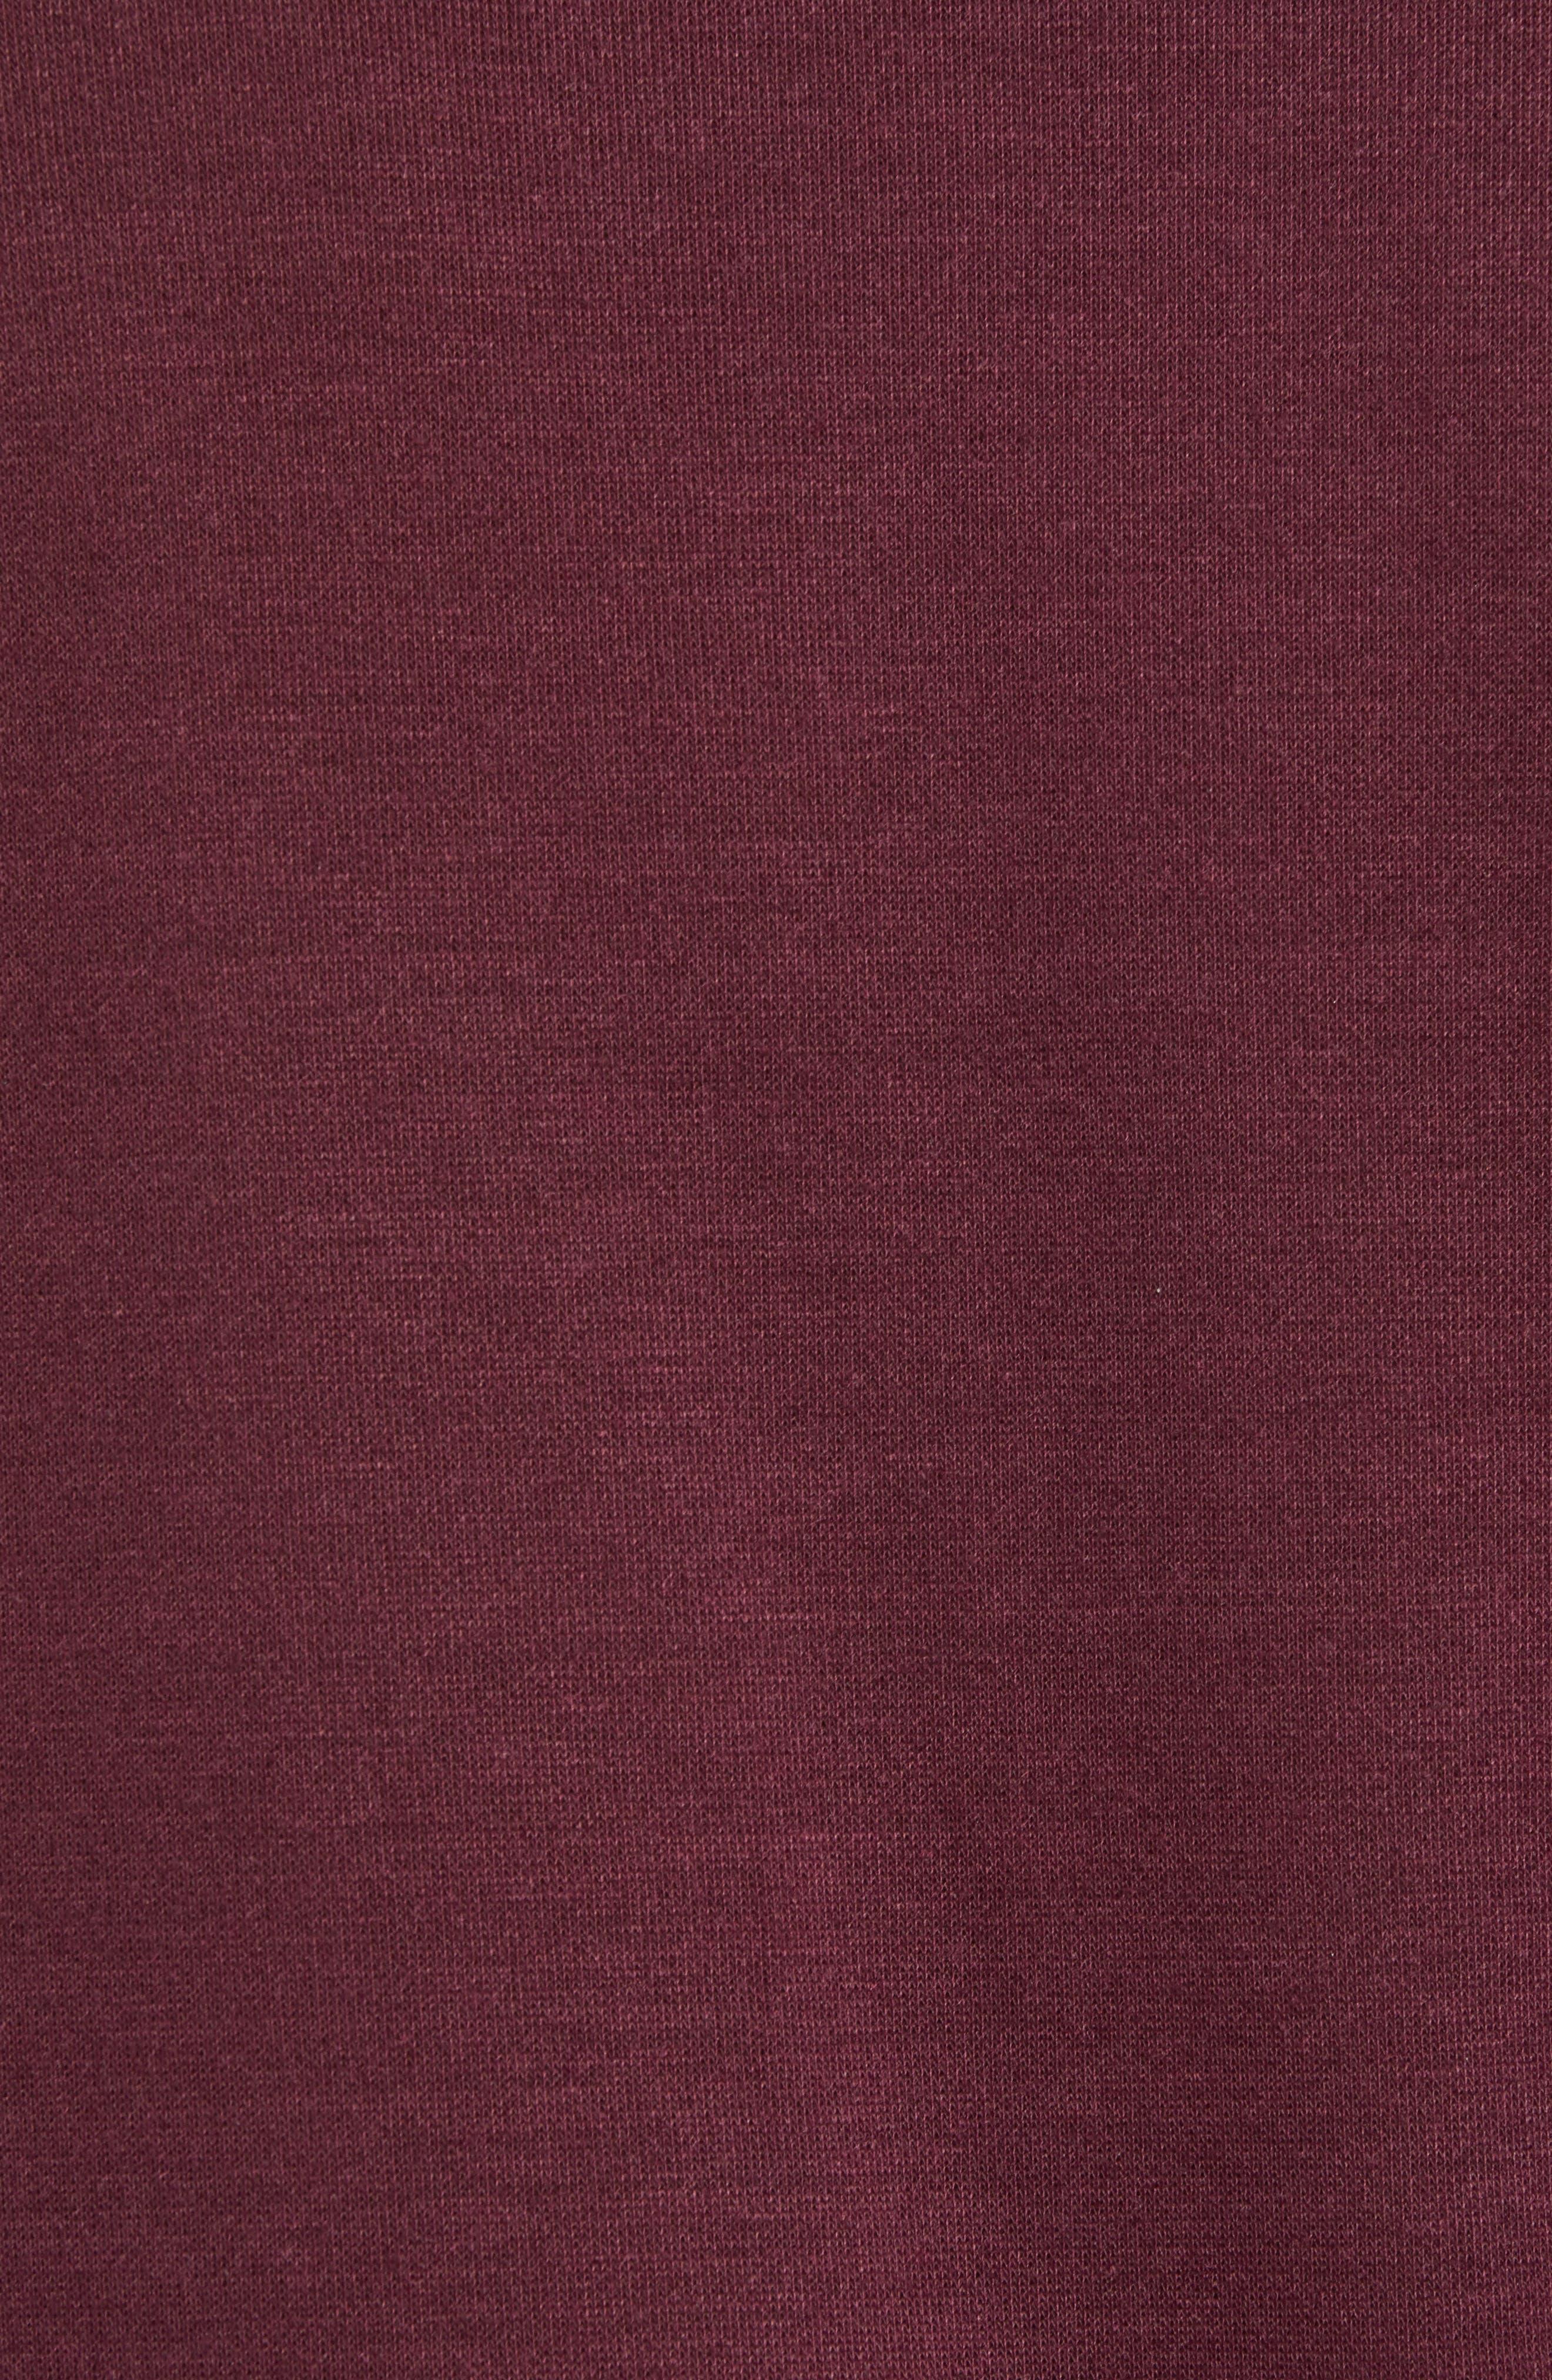 Pomerelle V-Neck Performance Sweater,                             Alternate thumbnail 5, color,                             MERLOT